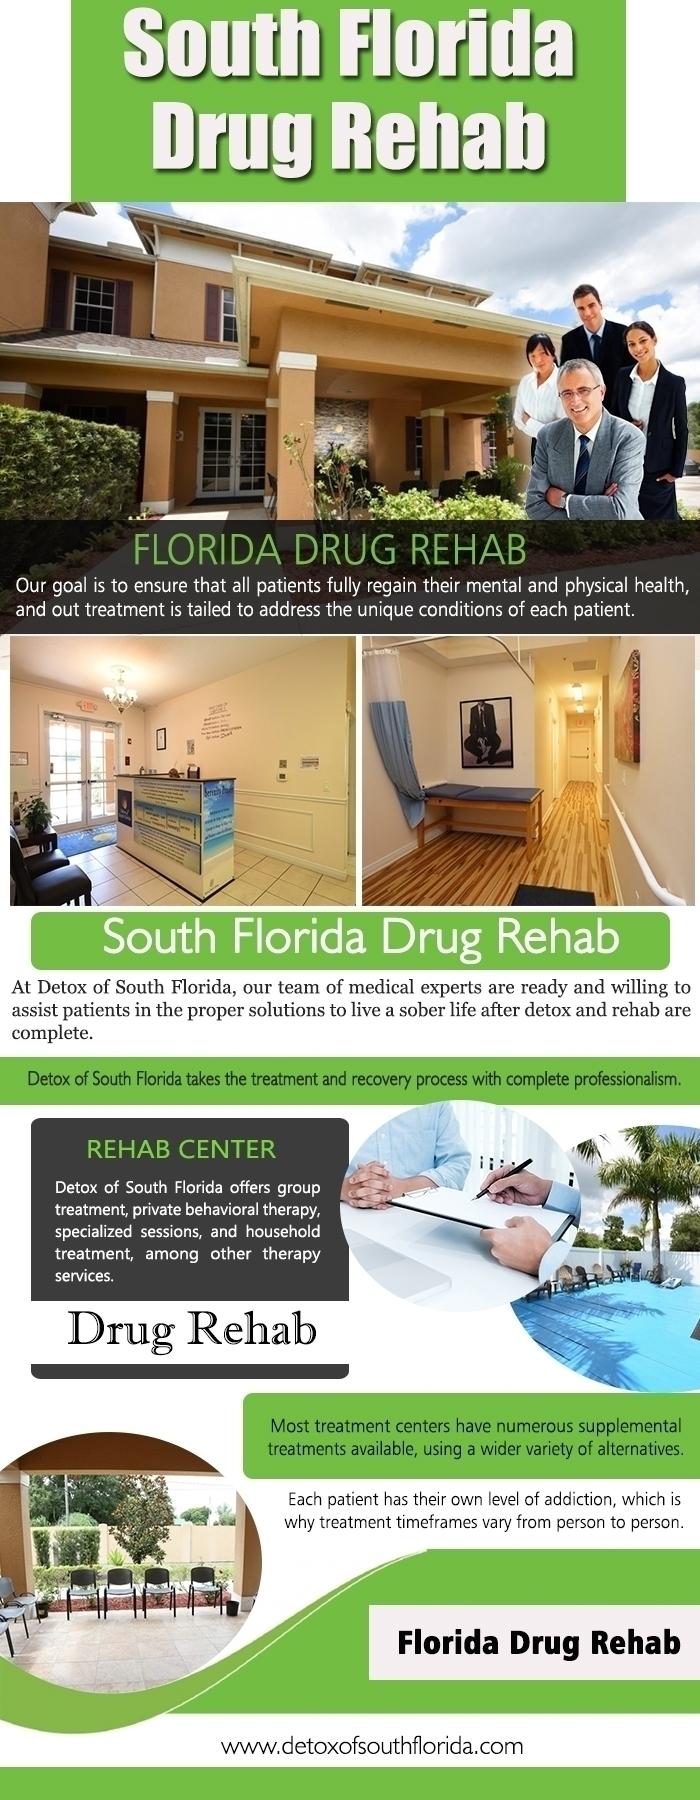 Florida Detox centers Website:  - detoxofsouthflorid | ello